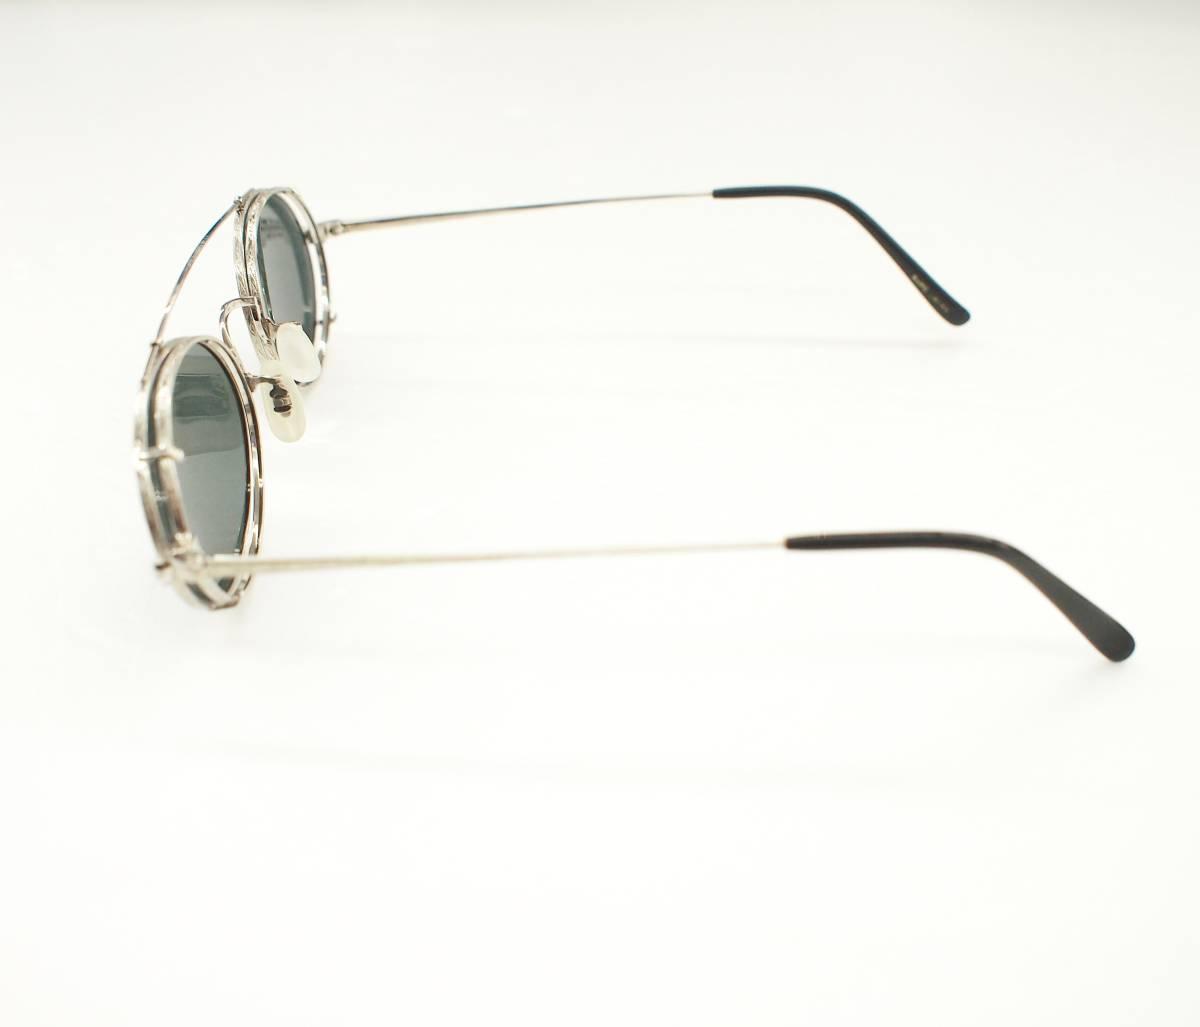 クリップオン付き OLIVER PEOPLES オリバーピープルズ OP-67 S 眼鏡 サングラス_画像7